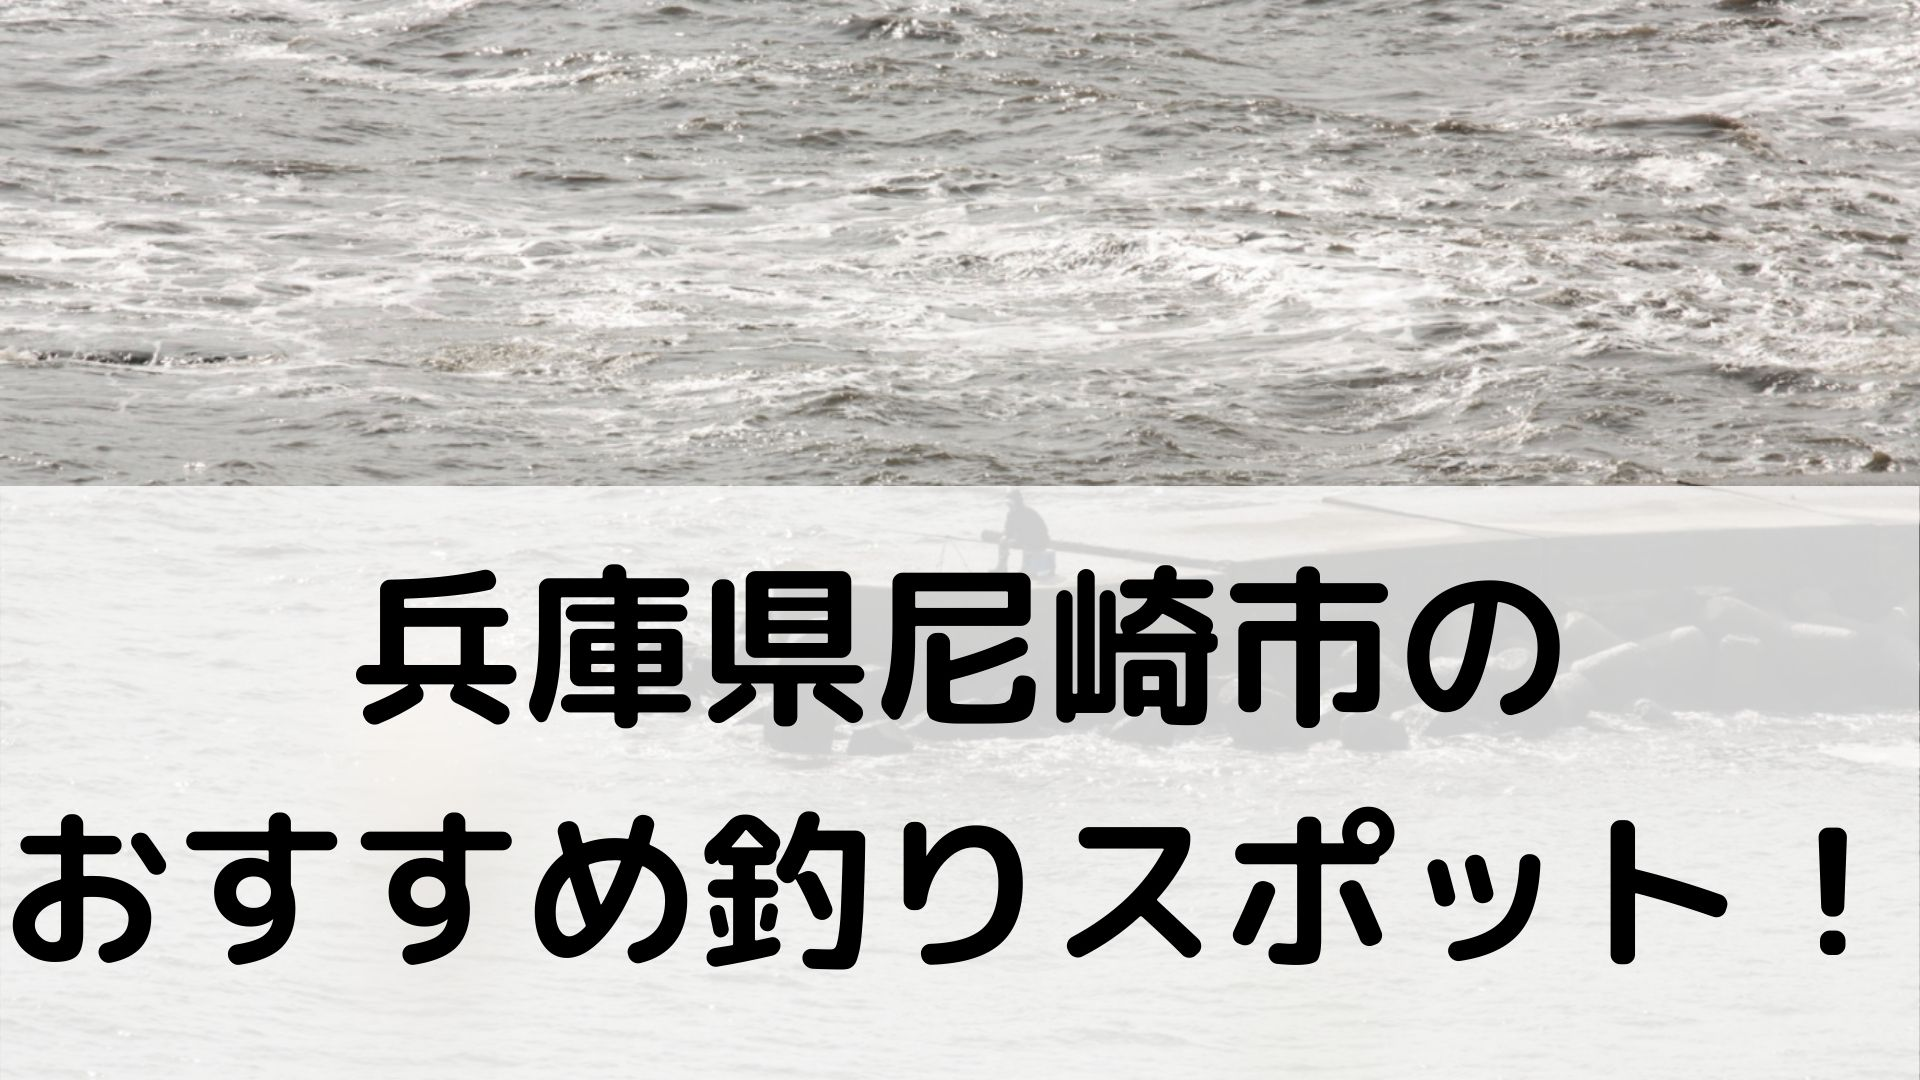 兵庫県尼崎市のおすすめ釣りスポットに関する参考画像